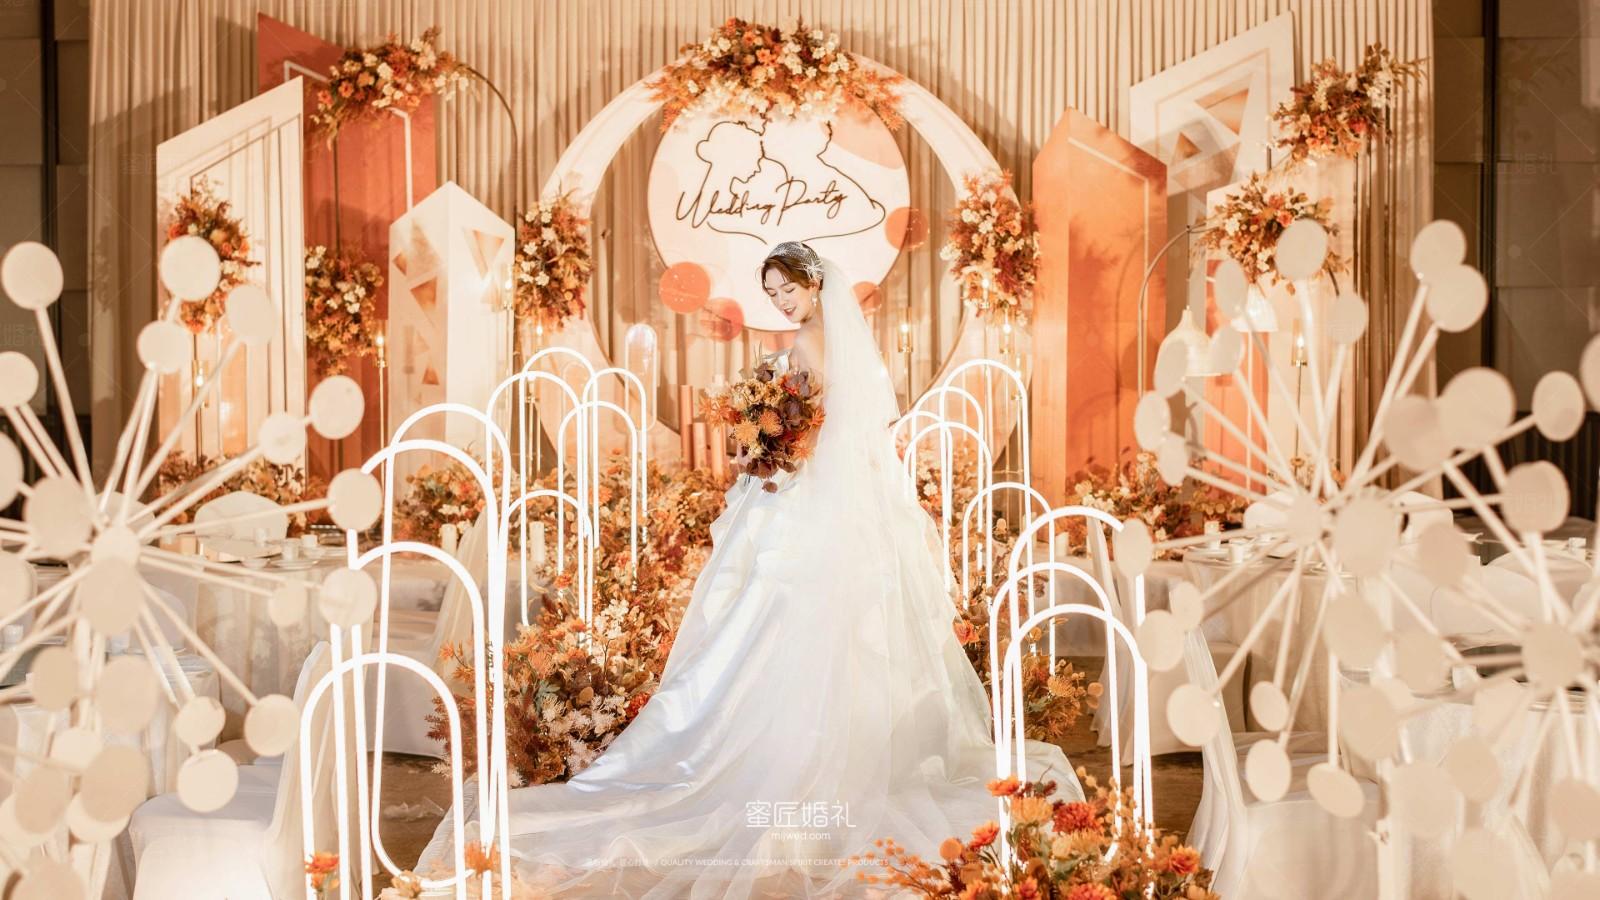 西方婚礼仪式步骤